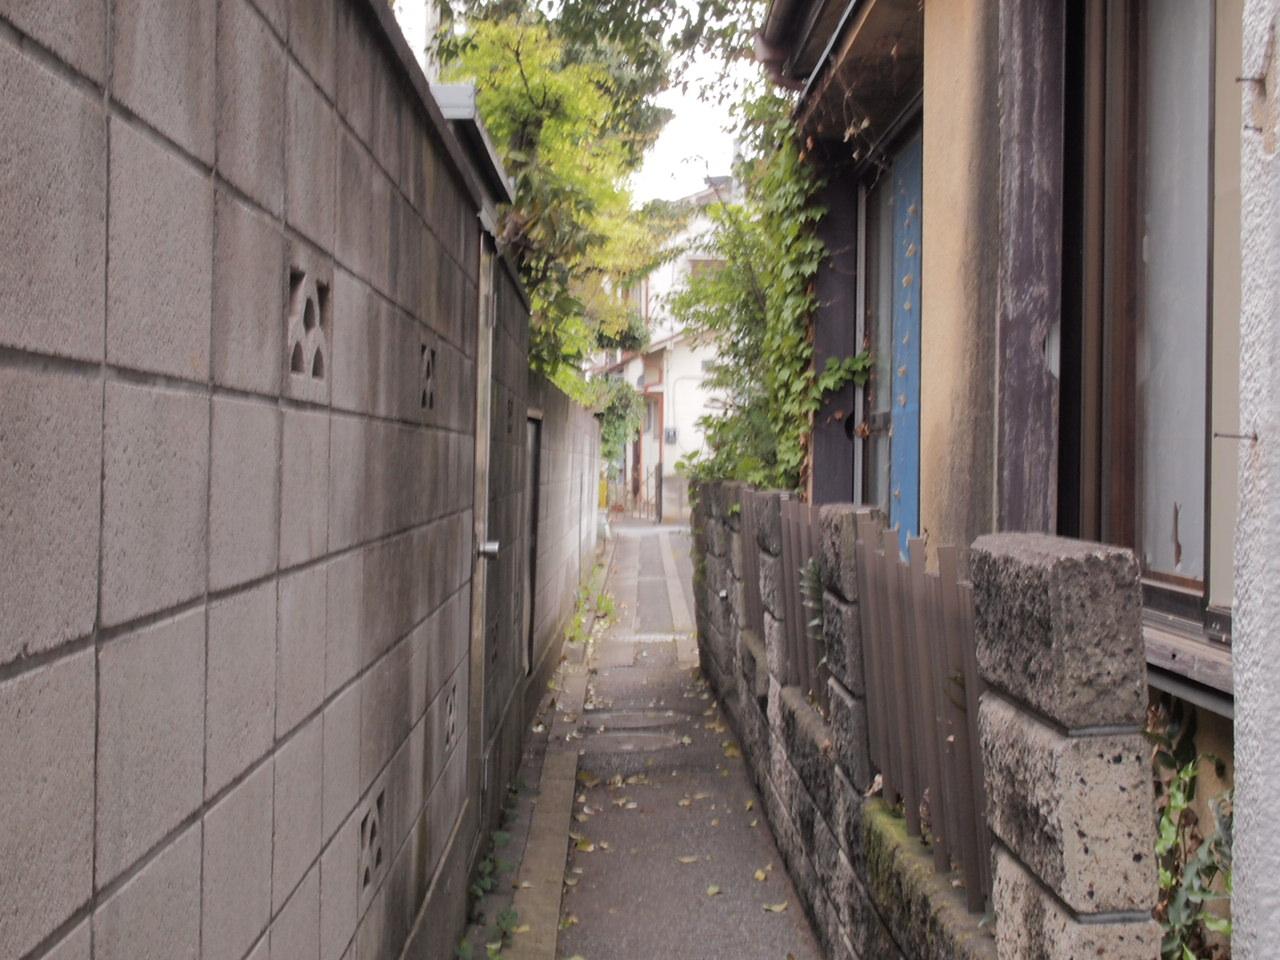 足立区興野町の隣町/本木町を巡りました。_a0214329_021890.jpg